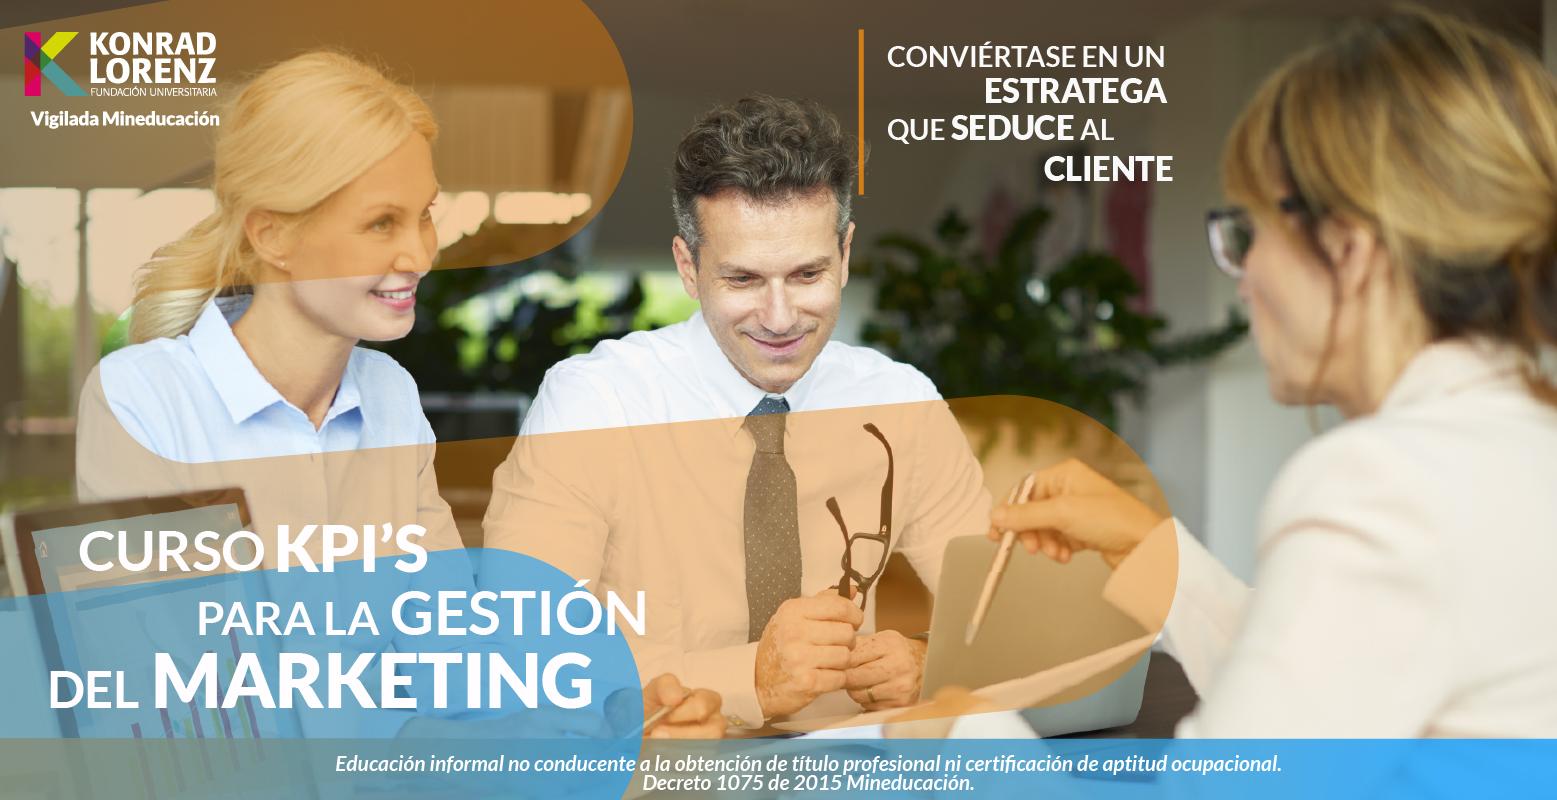 KPIs para la Gestión del Marketing